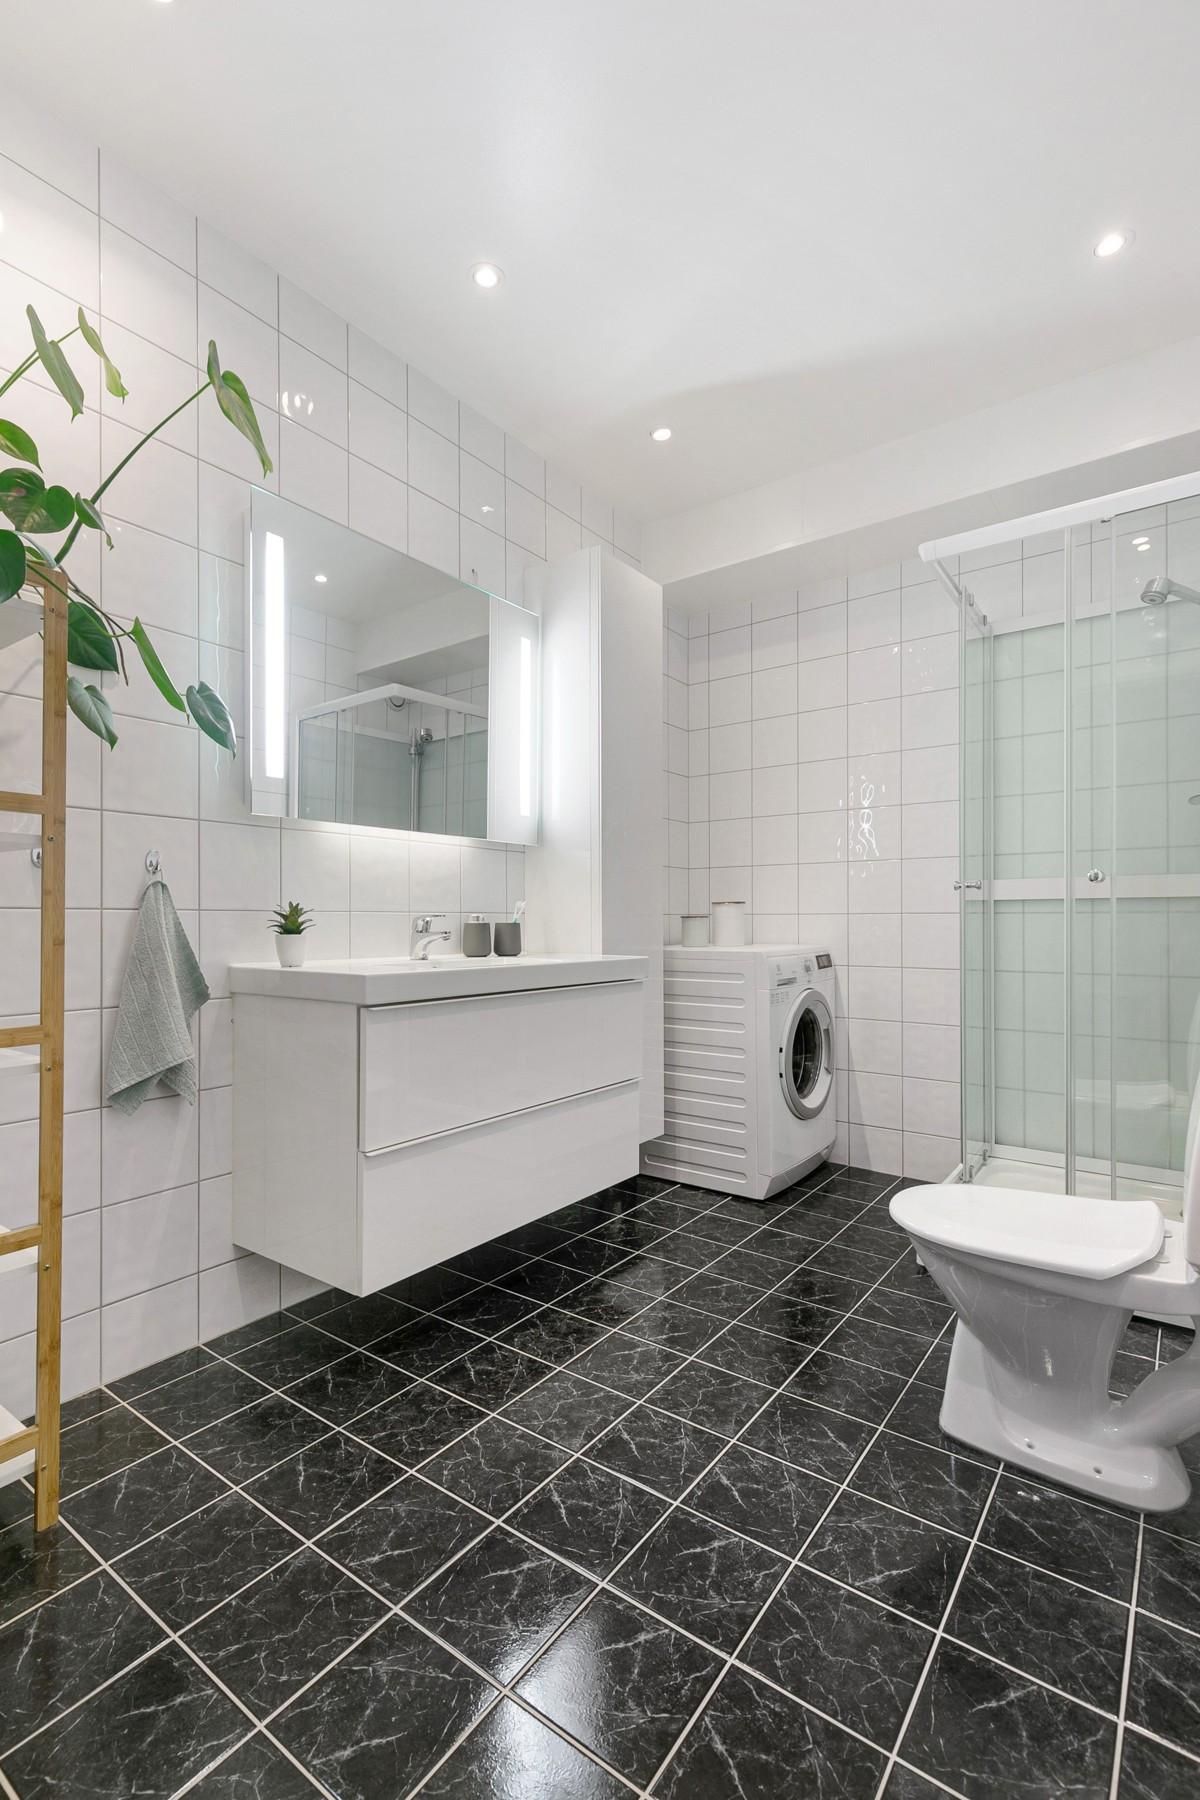 Komplett flislagt bad med god størrelse, varmekabler, opplegg for vaskemasking og spotter i tak